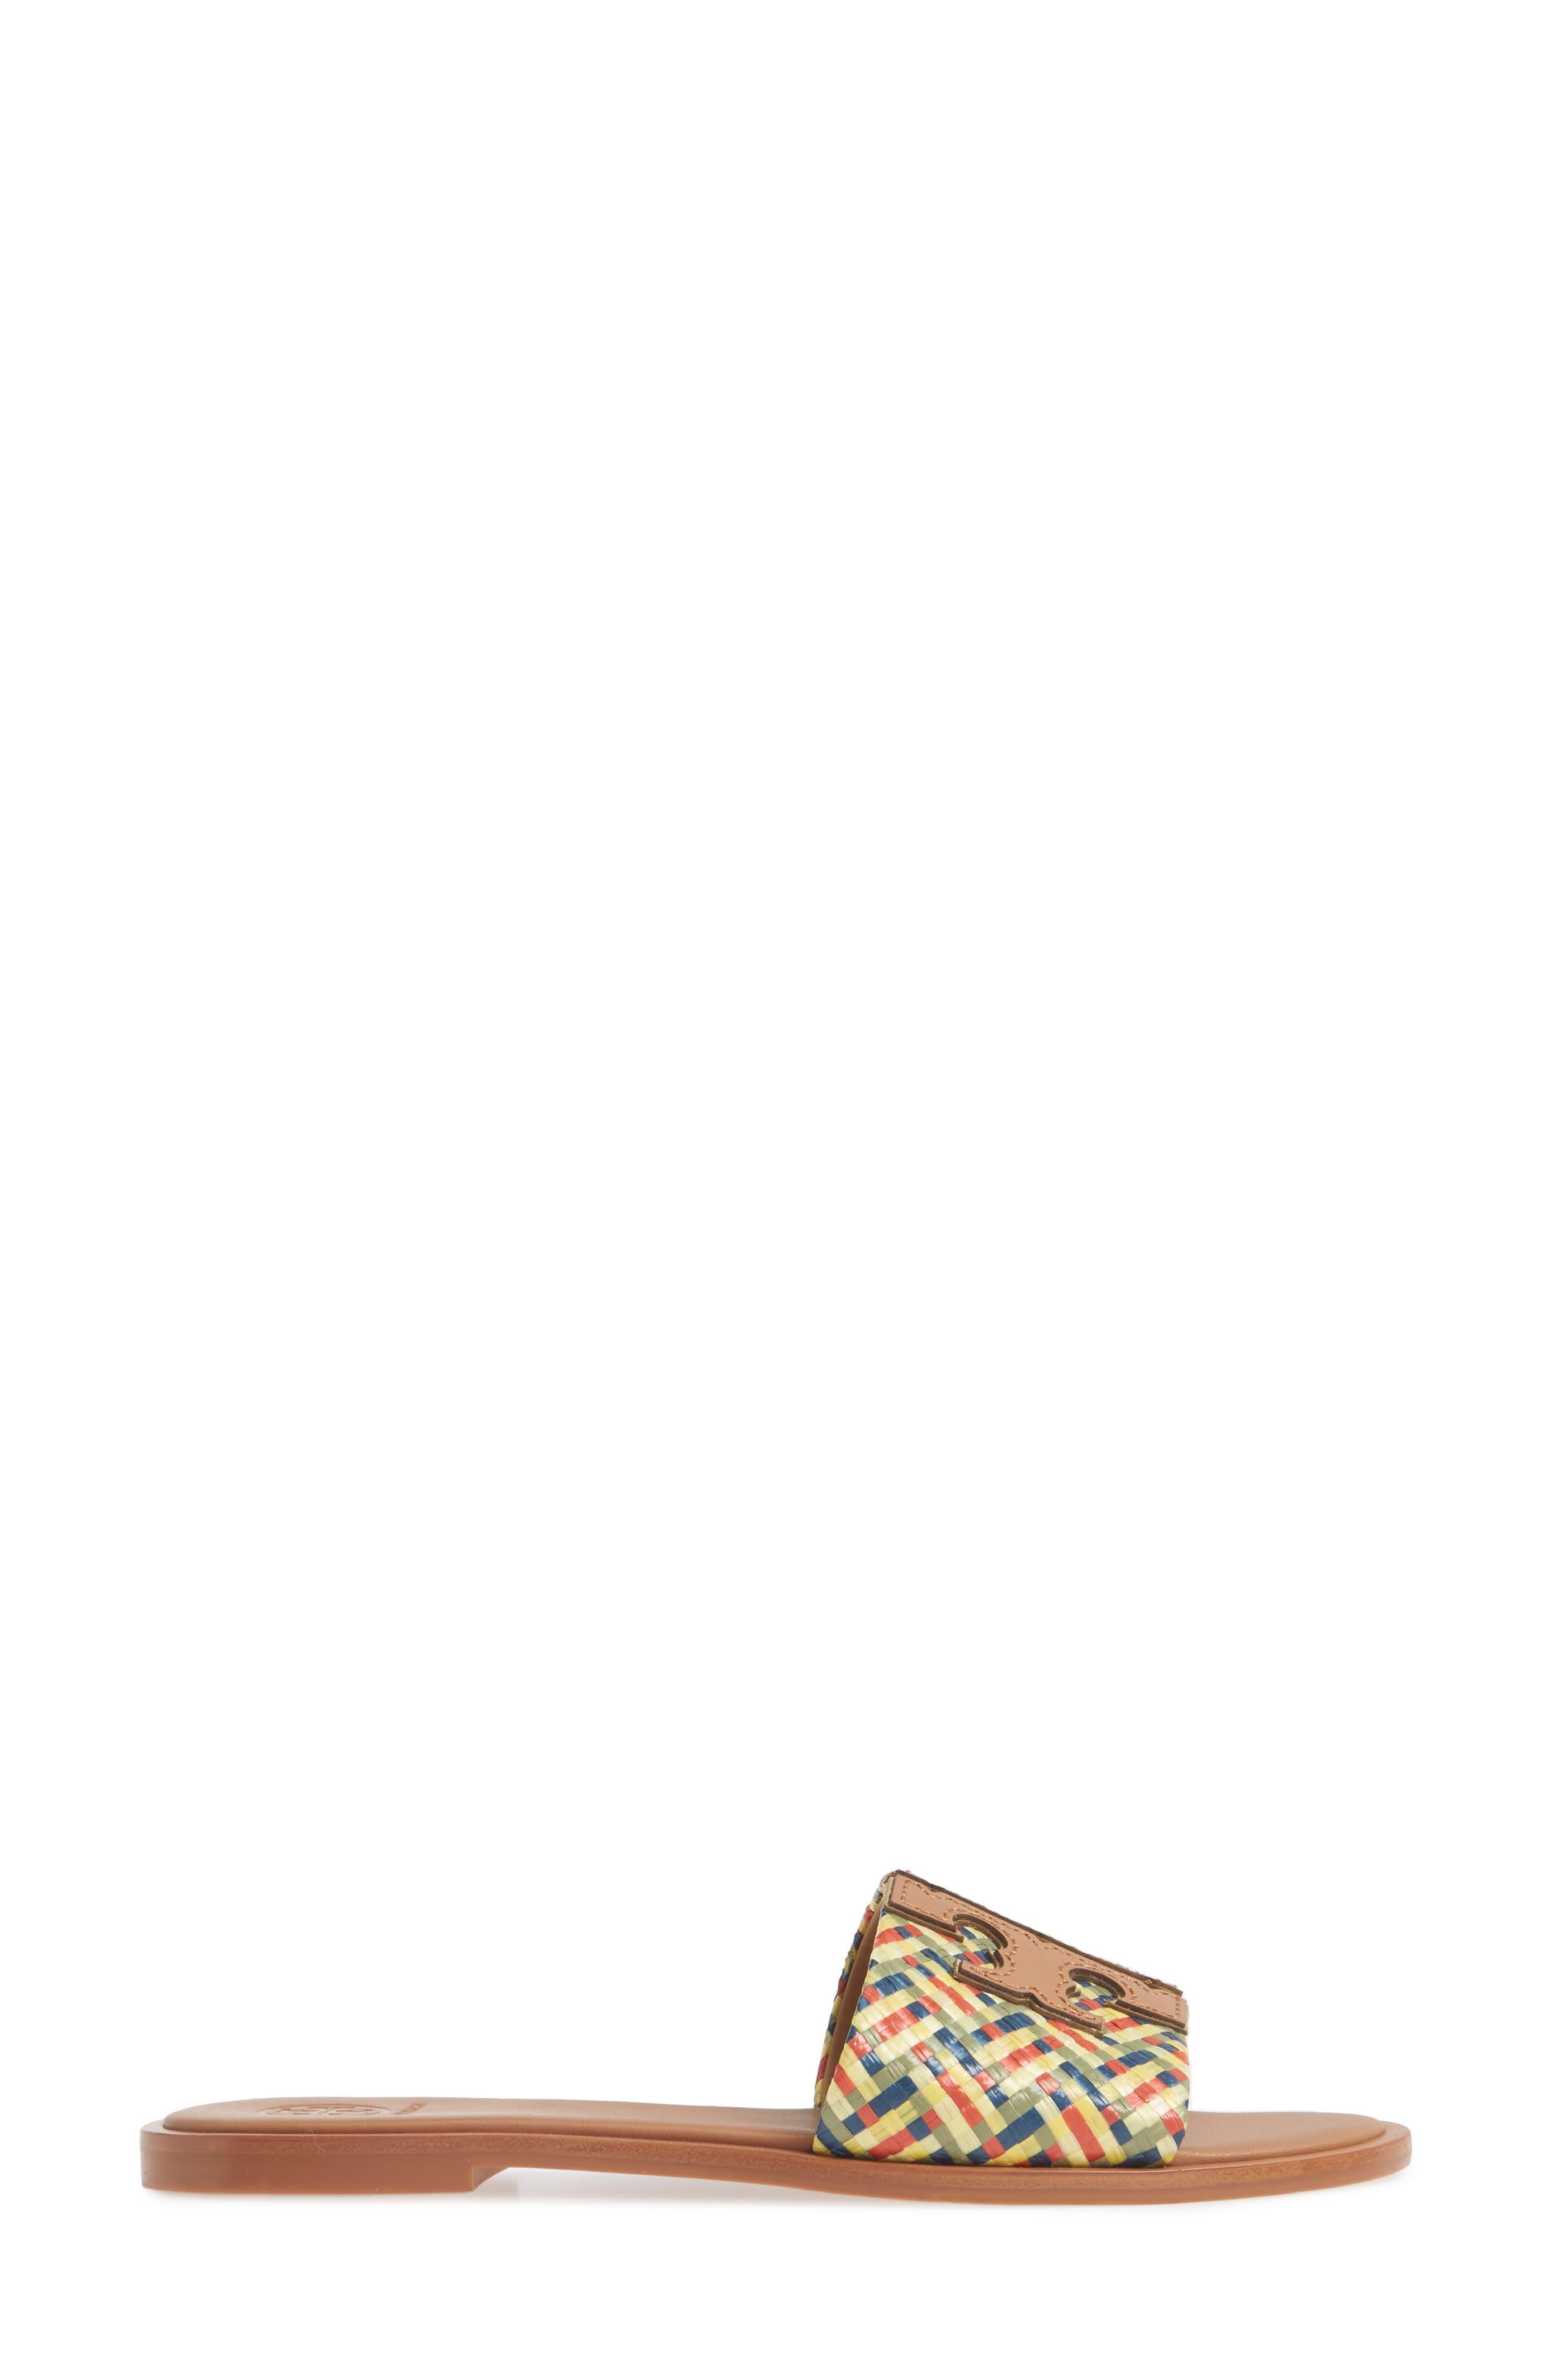 TORY BURCH, Ines Slide Sandal, Alternate thumbnail 3, color, 003